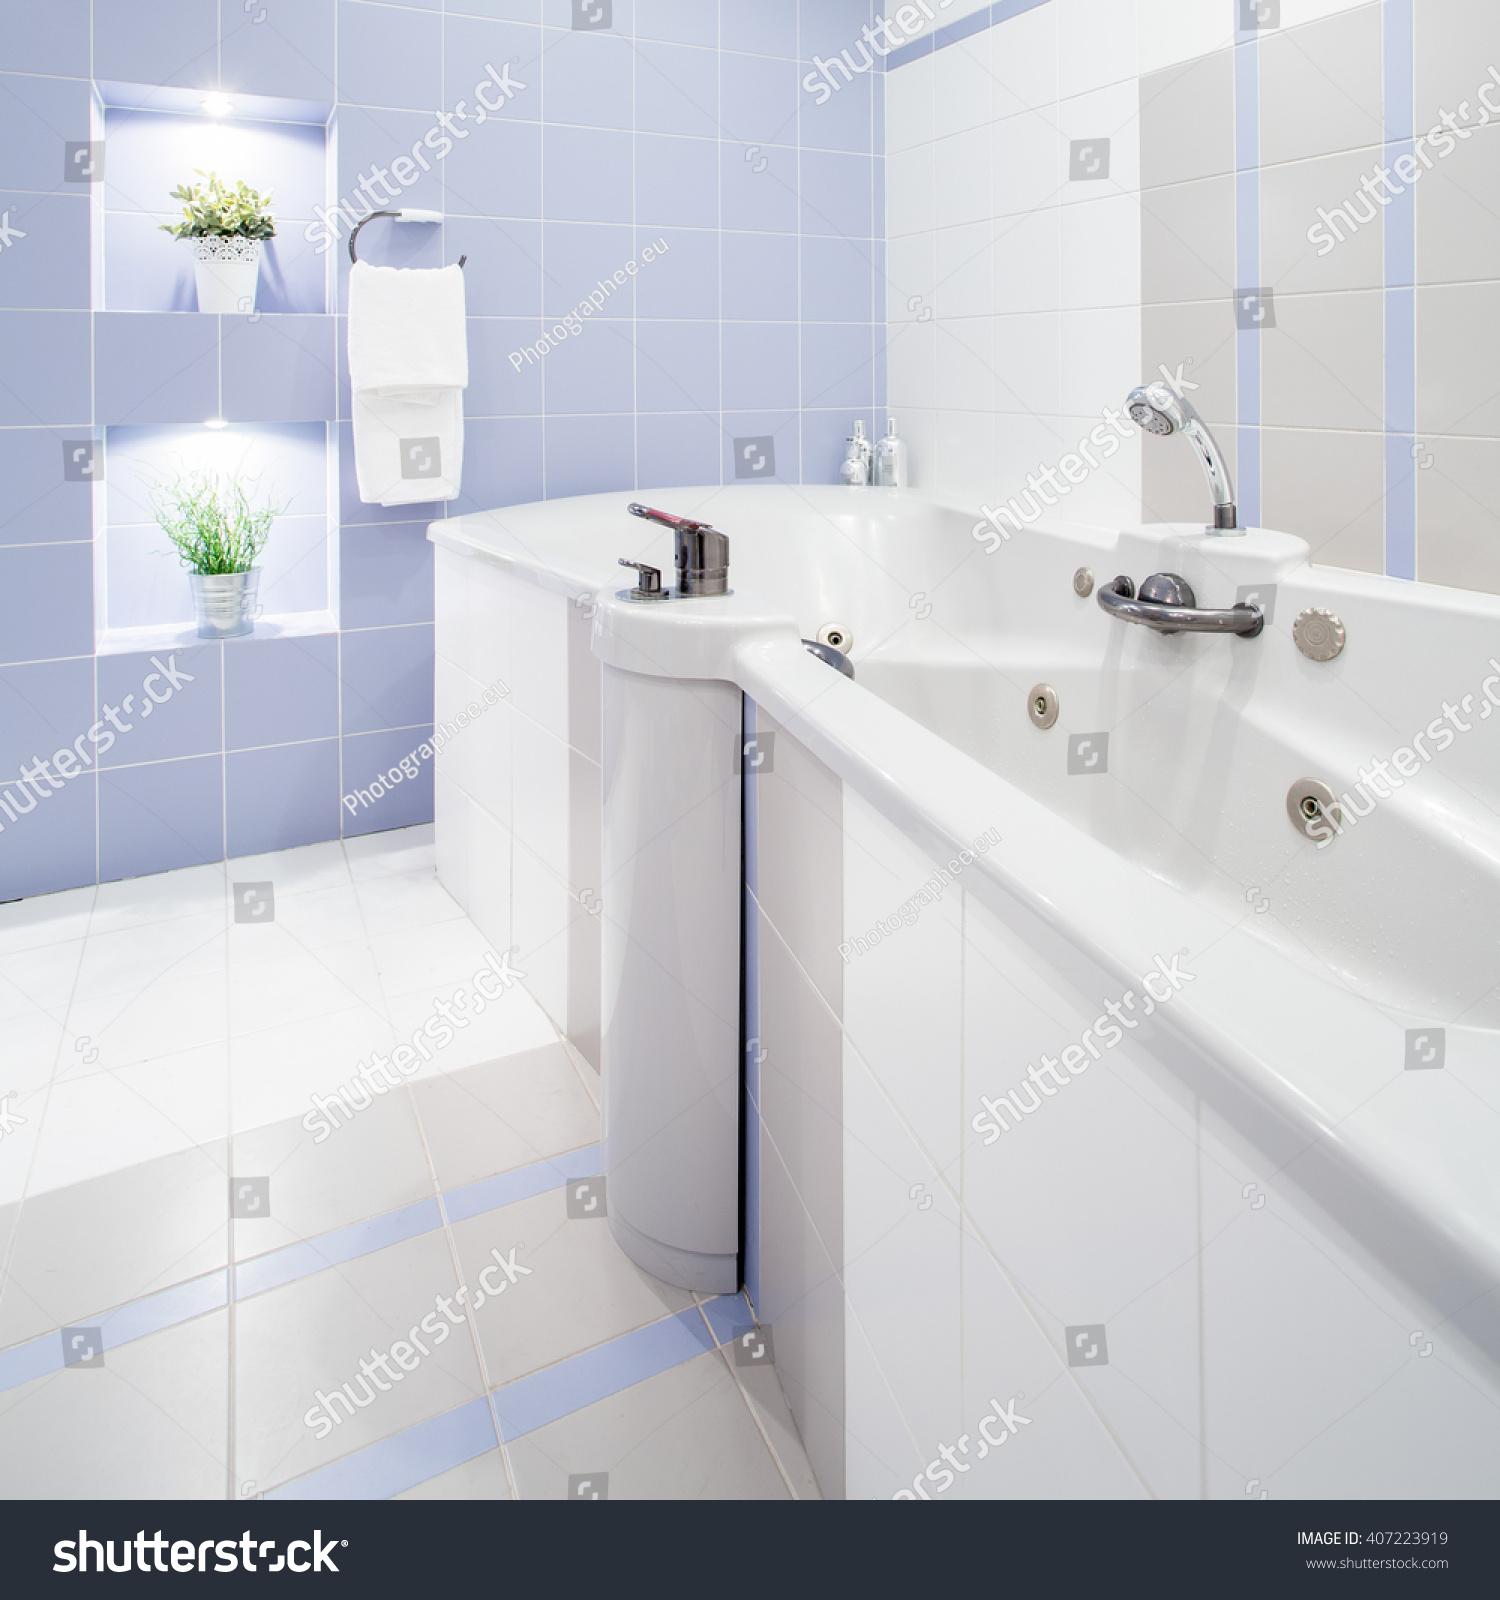 Big Bathtub Massage White Luxury Washroom Stock Photo (Royalty Free ...